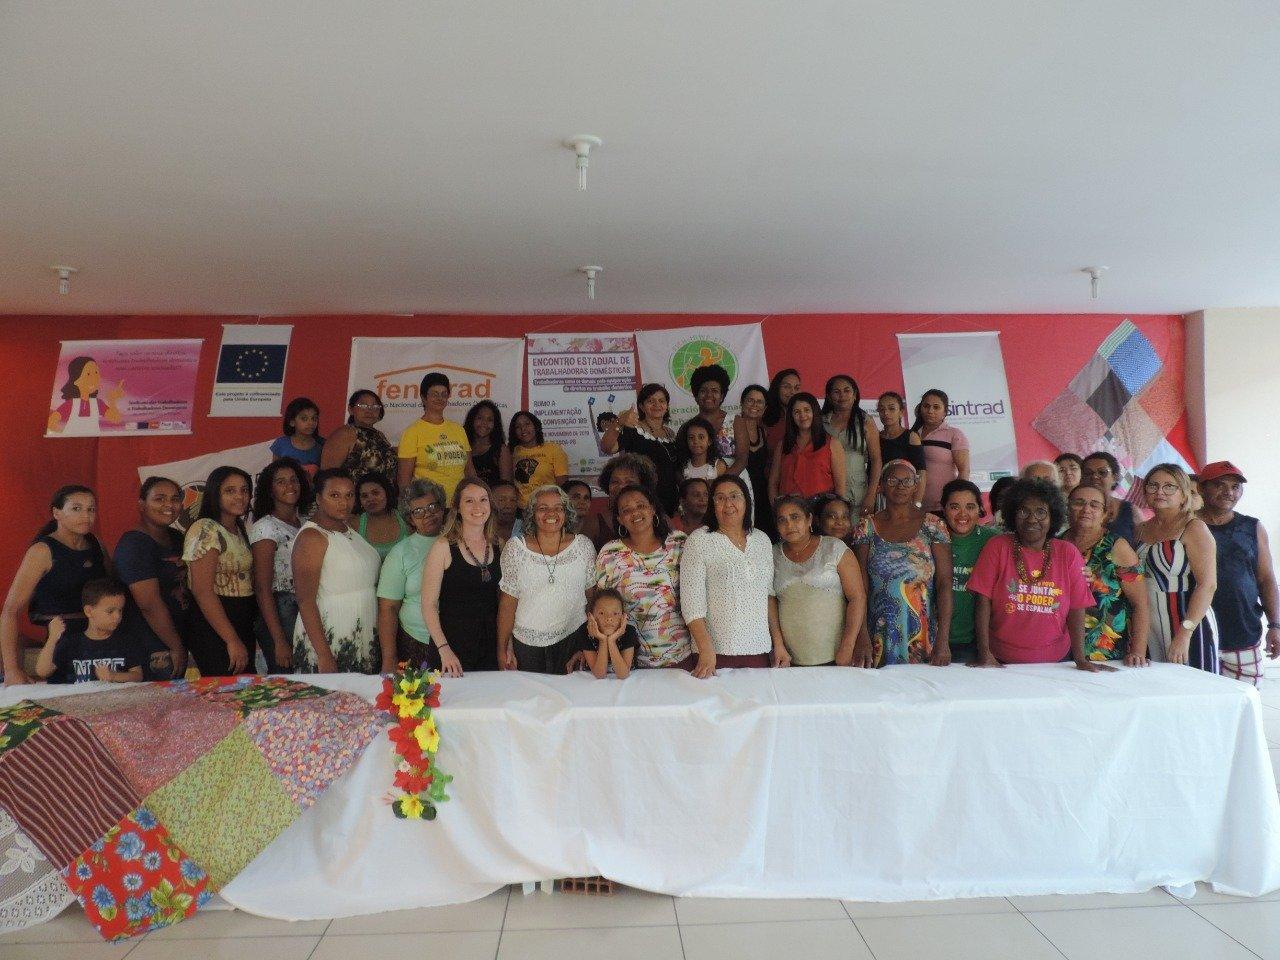 Sindicato dos Empregados Domésticos da Paraíba realiza Encontro Estadual de Trabalhadoras Domésticas